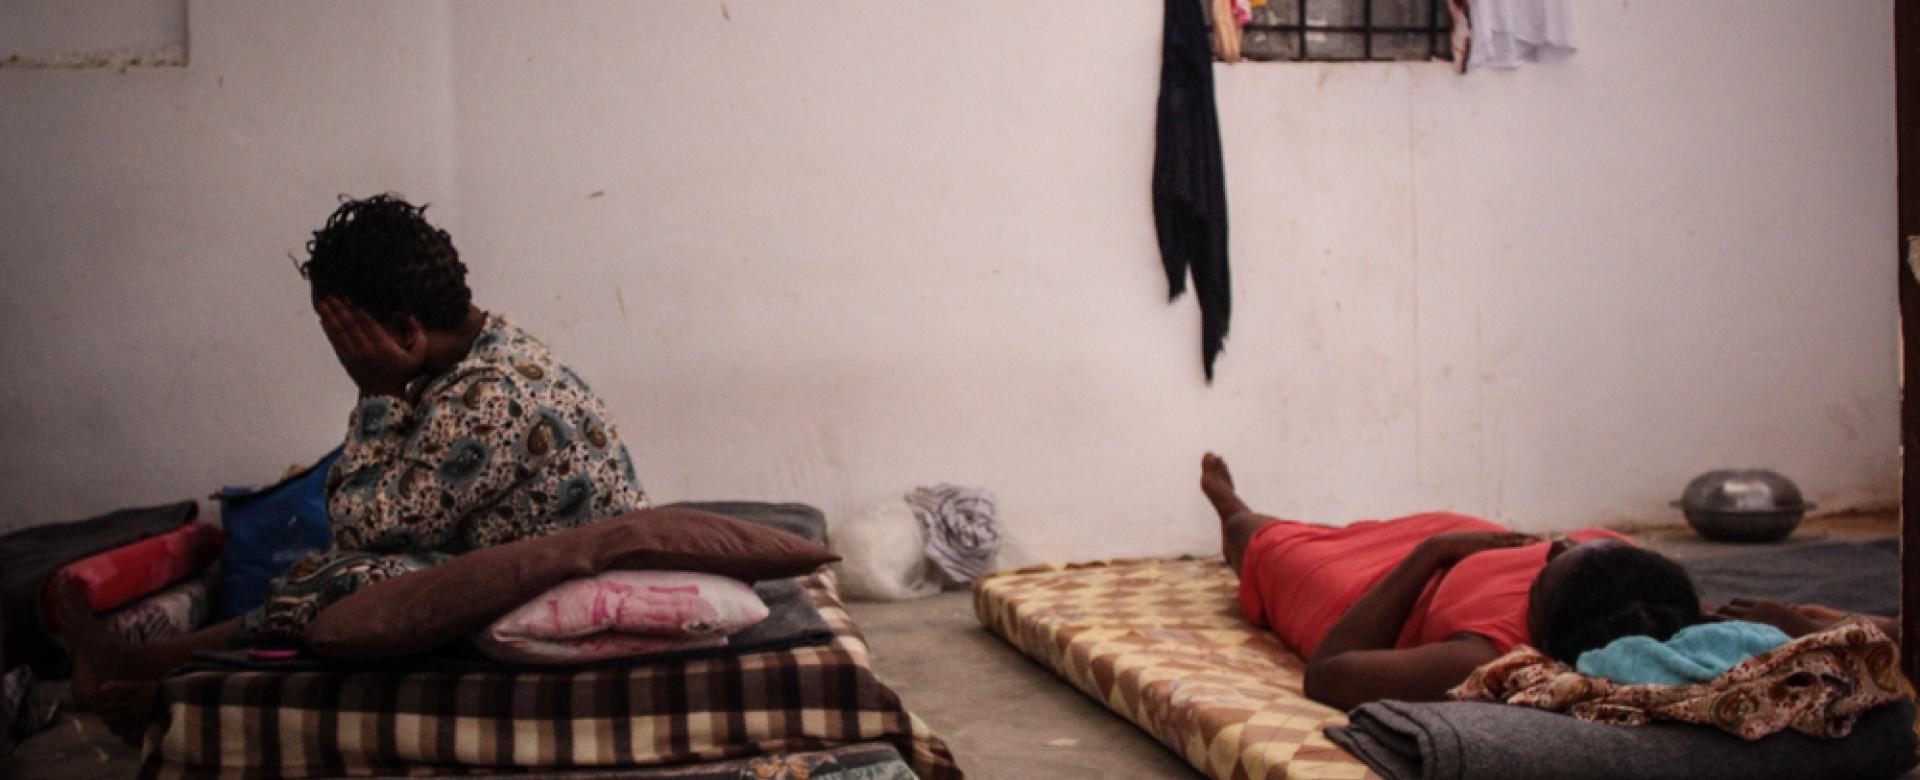 Des femmes dans un cellule d'un centre de détention en Libye